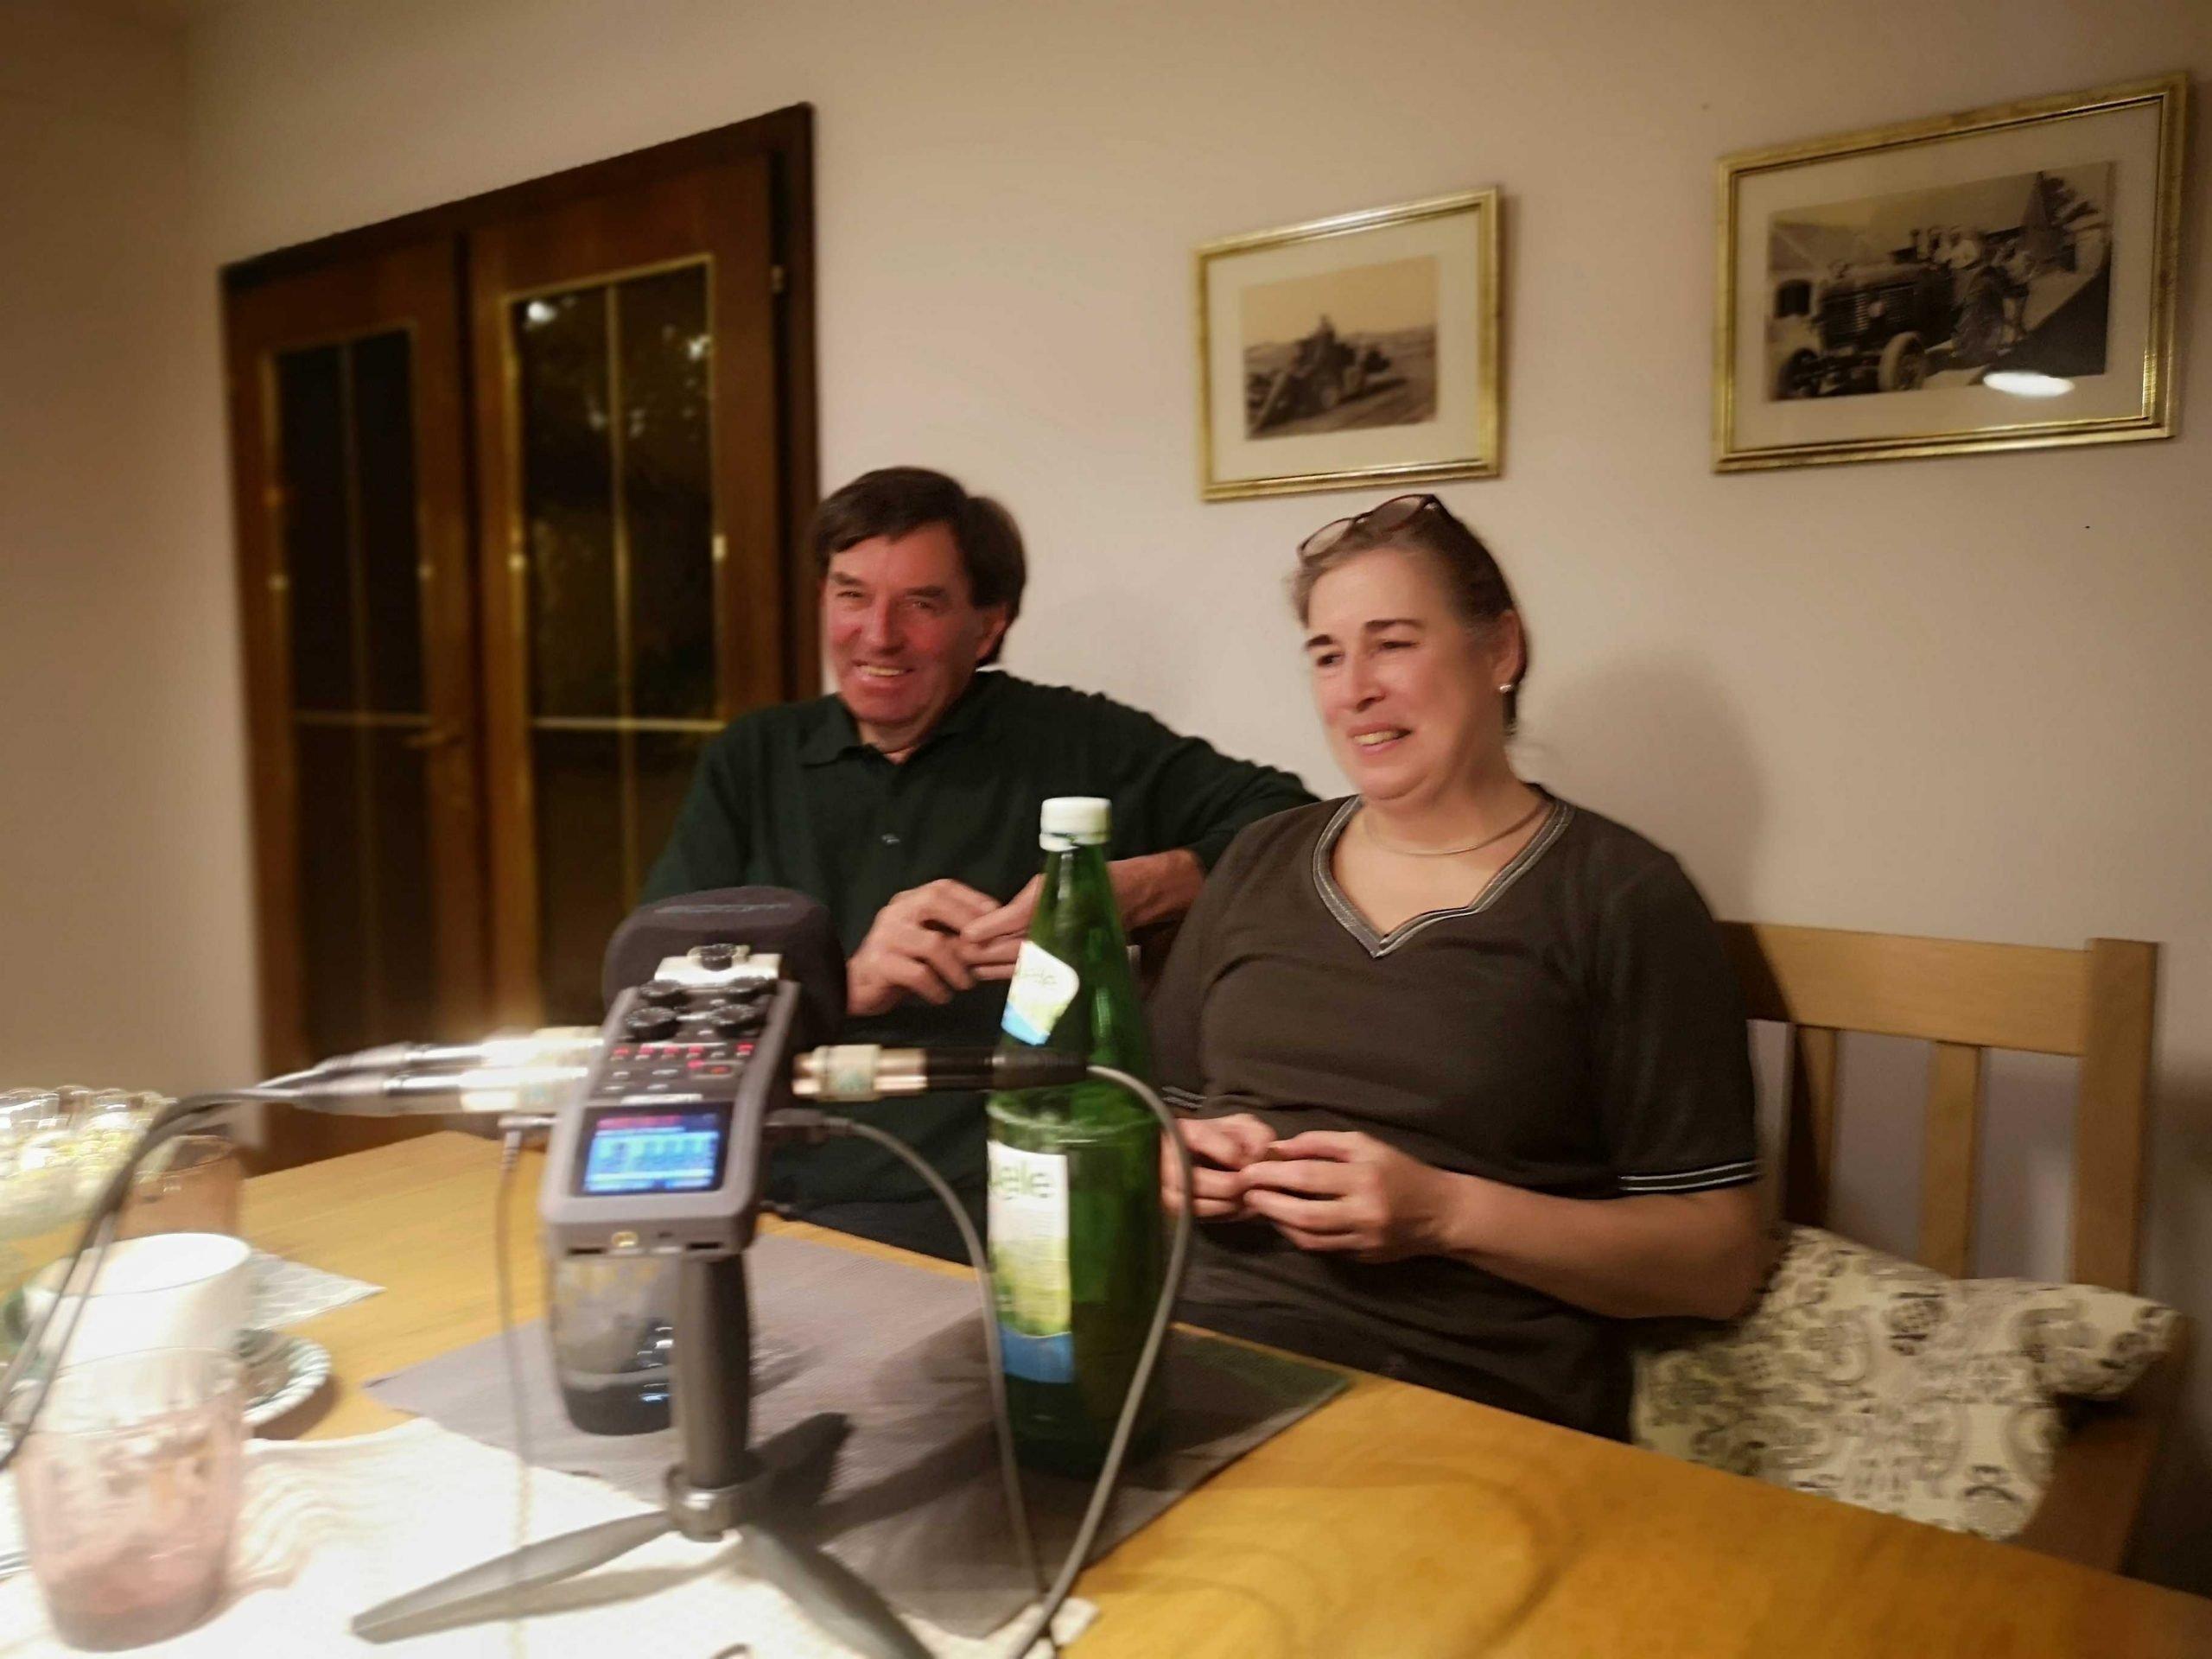 Josef und Veronika Eichinger im Gespräch mit BauertothePeople